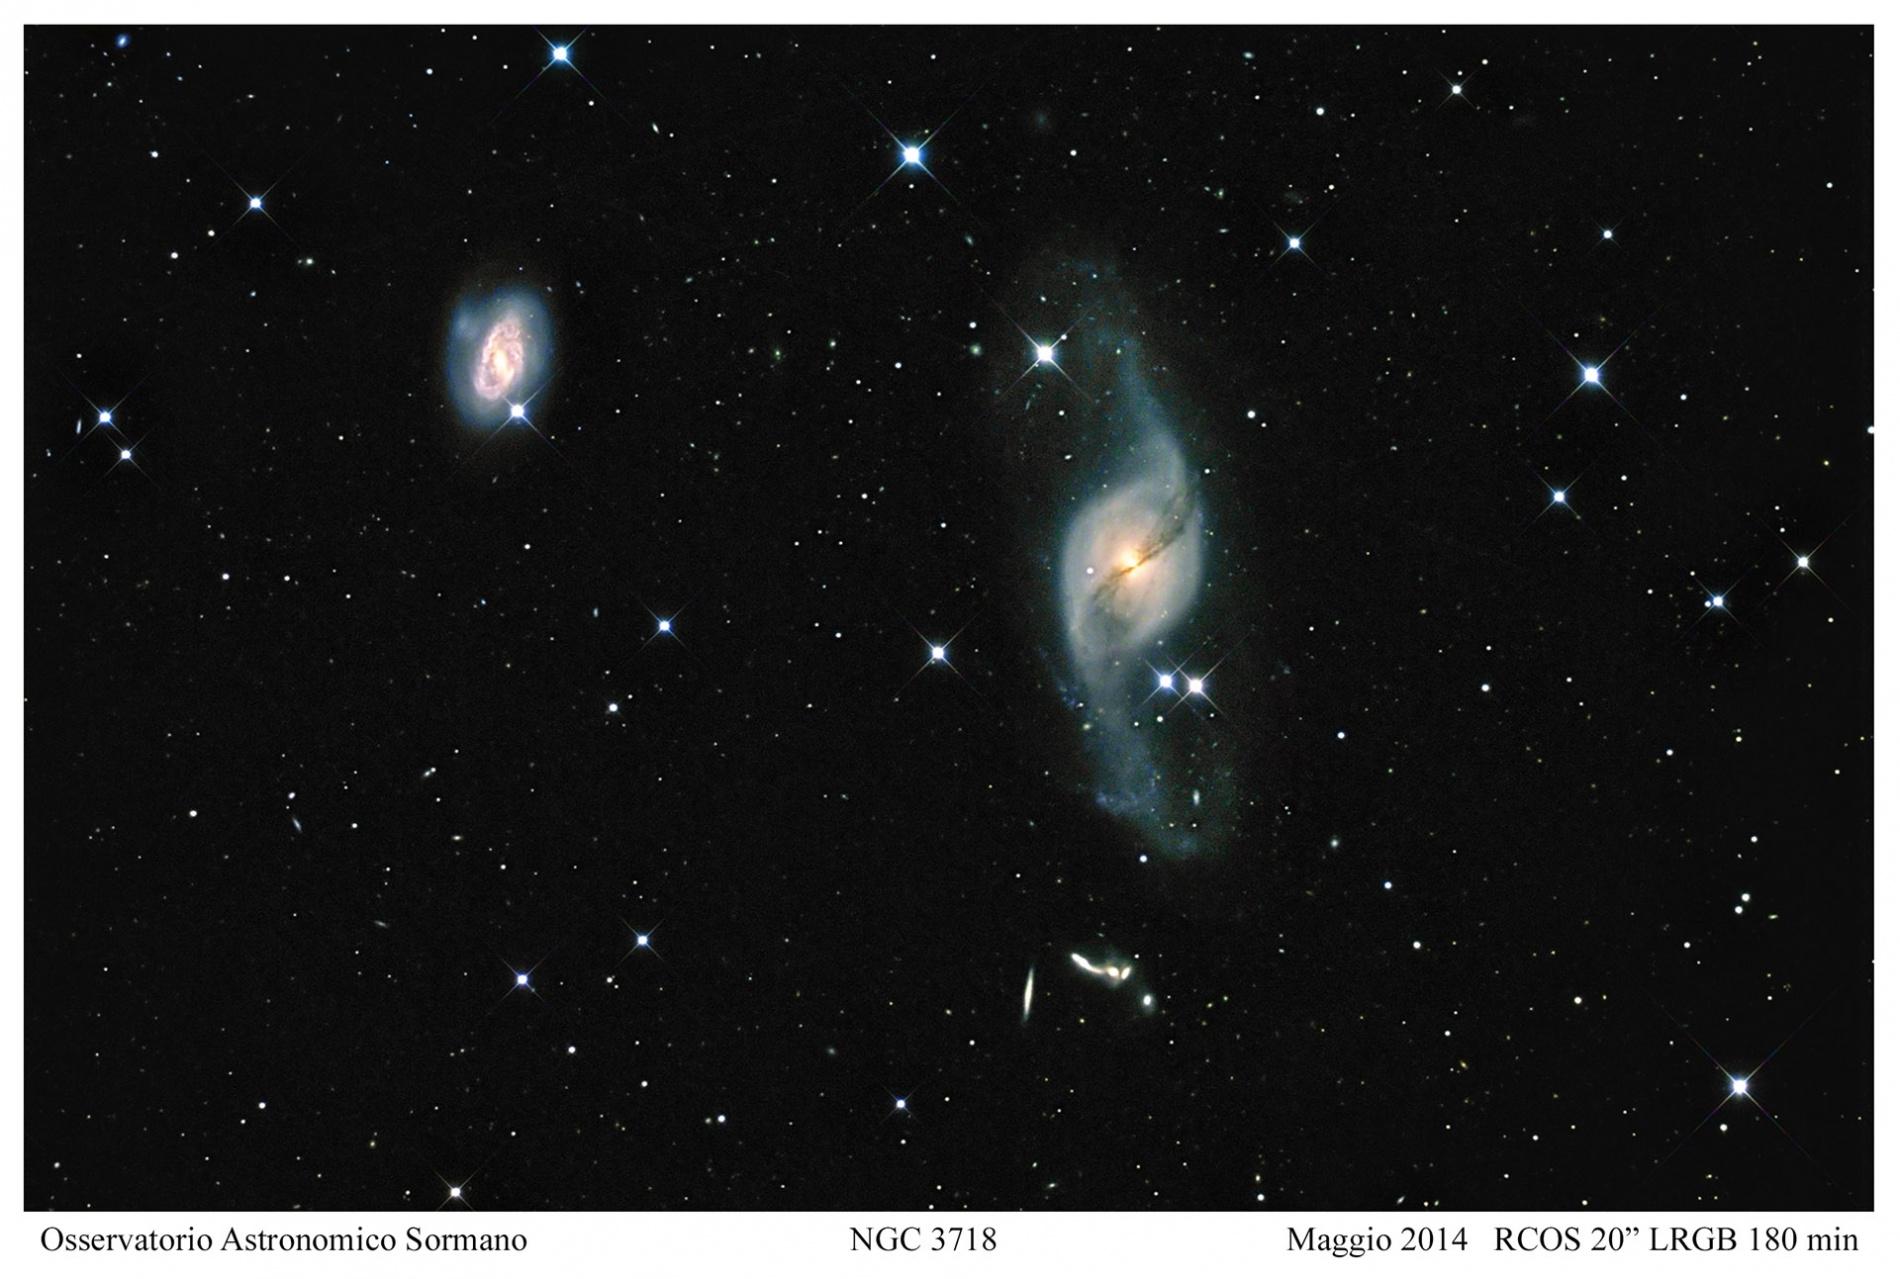 La galassia dai mille volti: NGC 3718